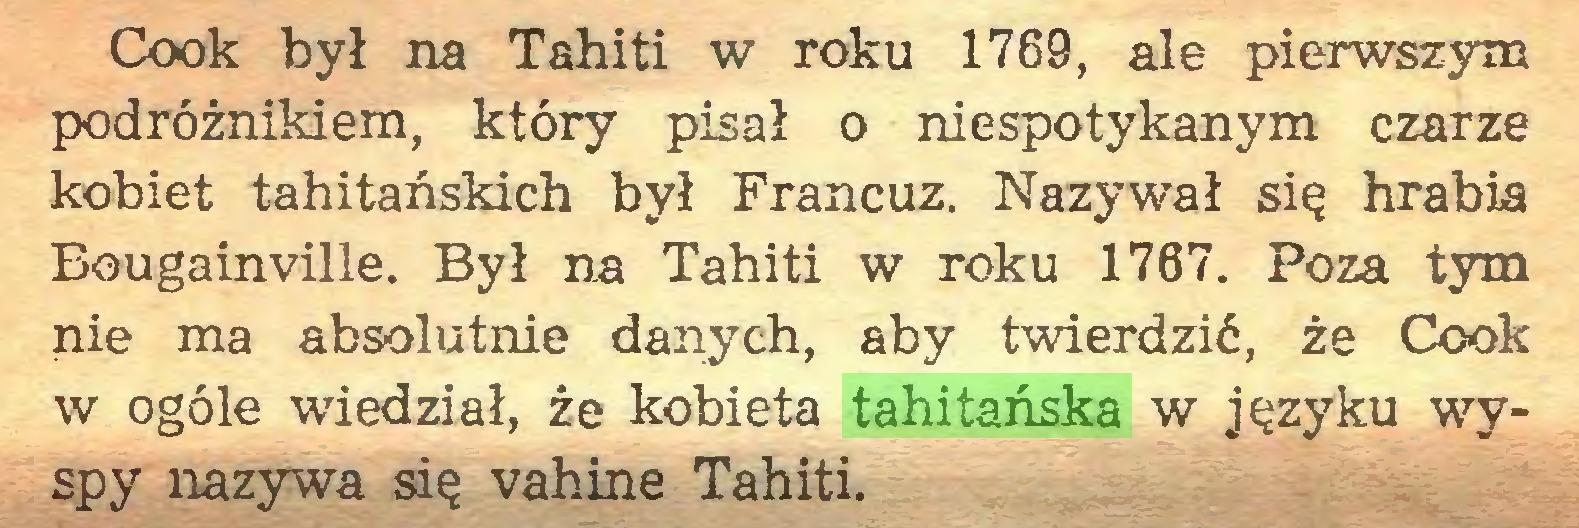 (...) Cook był na Tahiti w roku 1769, ale pierwszym podróżnikiem, który pisał o niespotykanym czarze kobiet tahitańskich był Francuz. Nazywał się hrabia Bougainville. Był na Tahiti w roku 1767. Poza tym nie ma absolutnie danych, aby twierdzić, że Cook w ogóle wiedział, że kobieta tahitańska w języku wyspy nazywa się vahiné Tahiti...